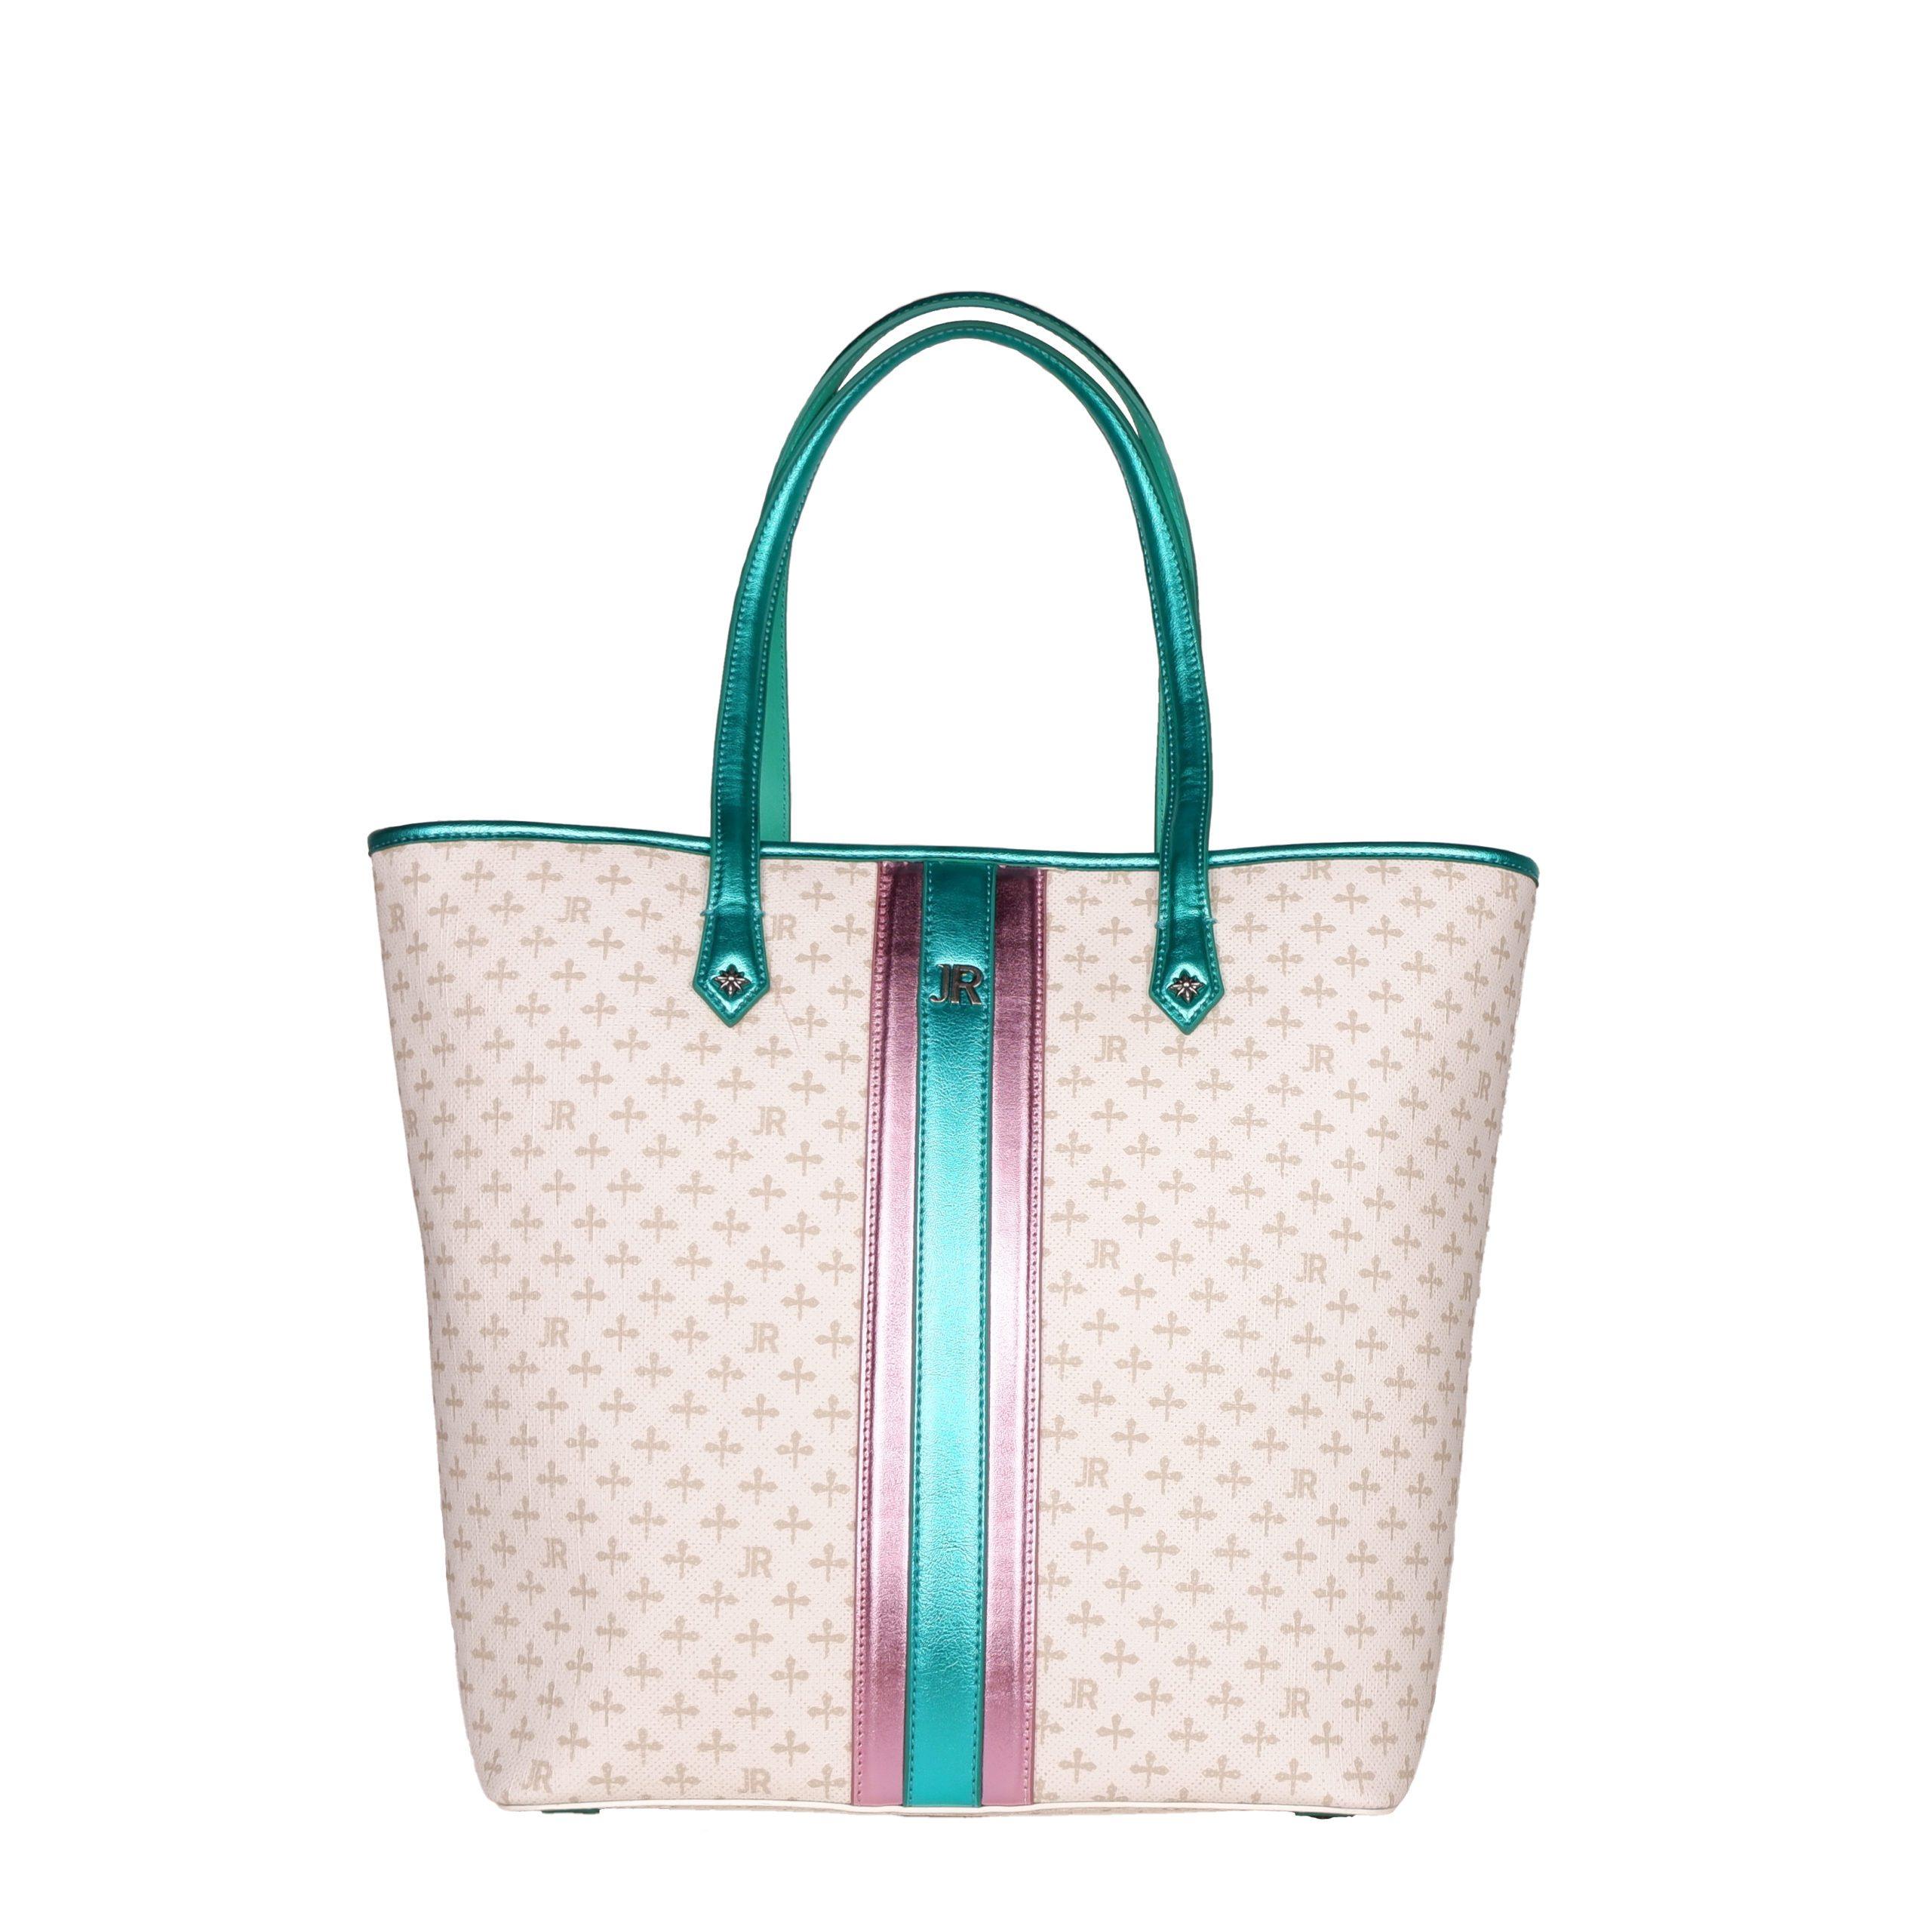 John Richmond Women's Handbag Beige JO1432591